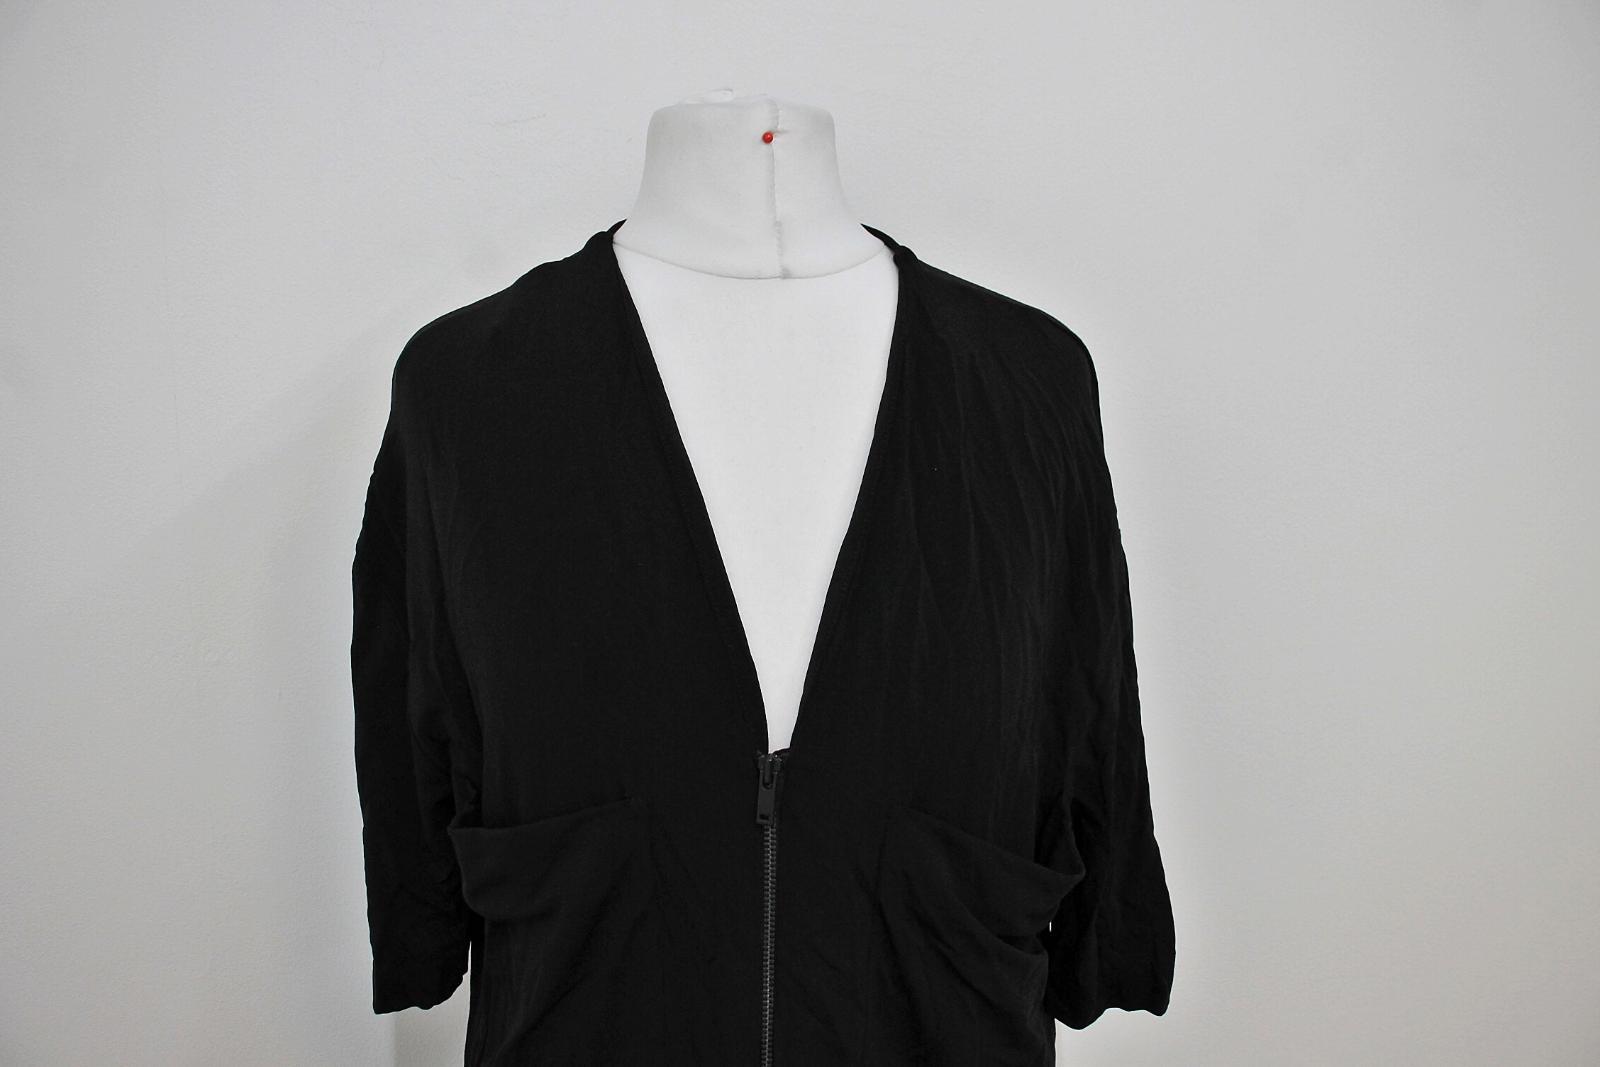 COS-Senoras-Negras-de-manga-corta-escote-V-con-cremallera-frontal-Cambio-Vestido-Talla-XS miniatura 6